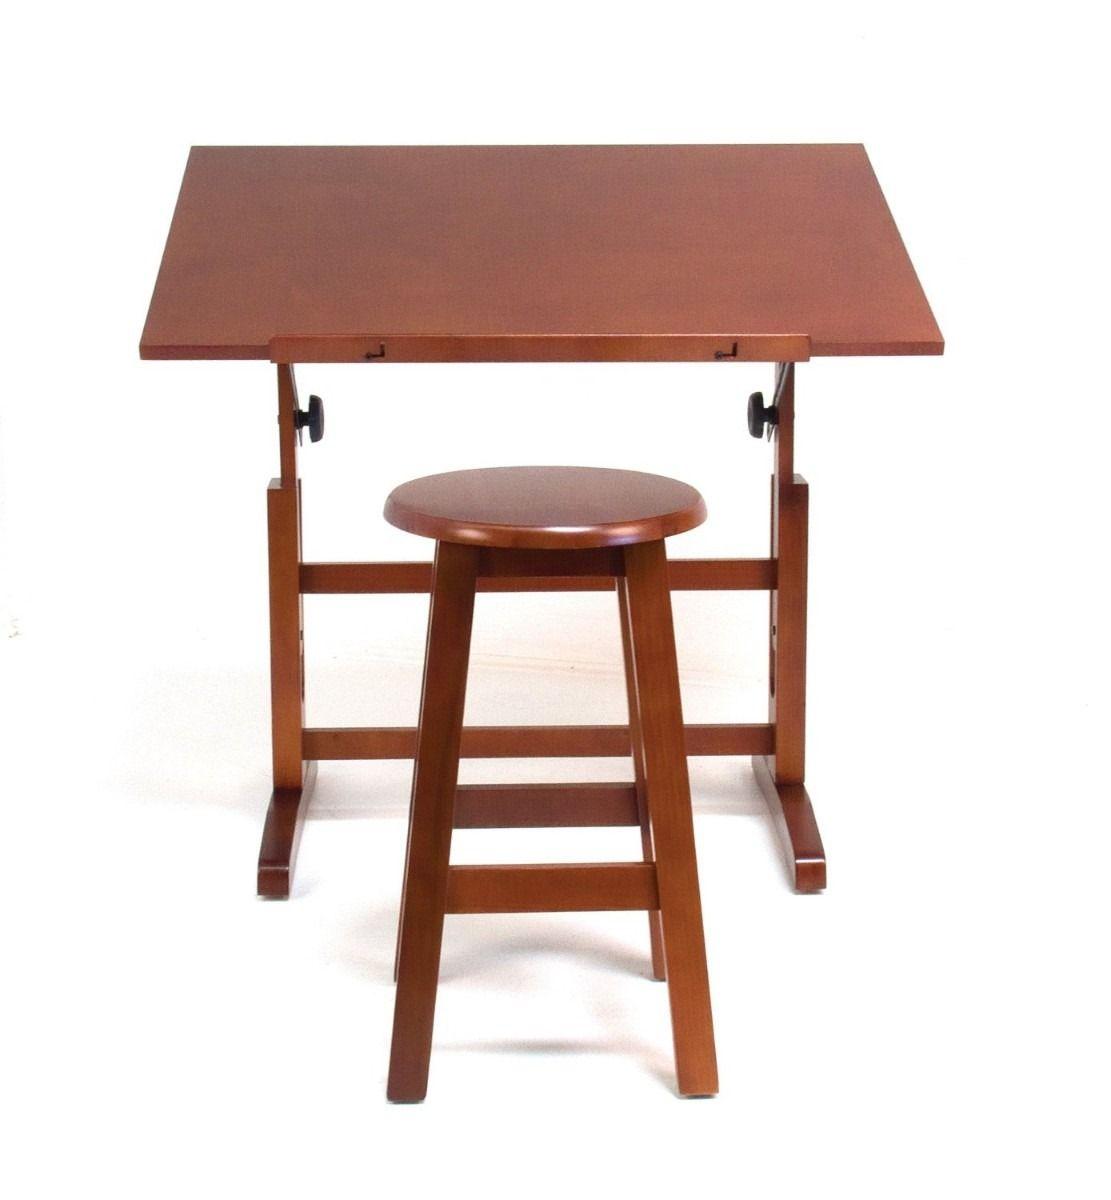 Mesa para dibujo artistico con silla escritorio dibujar for Sillas para escritorio